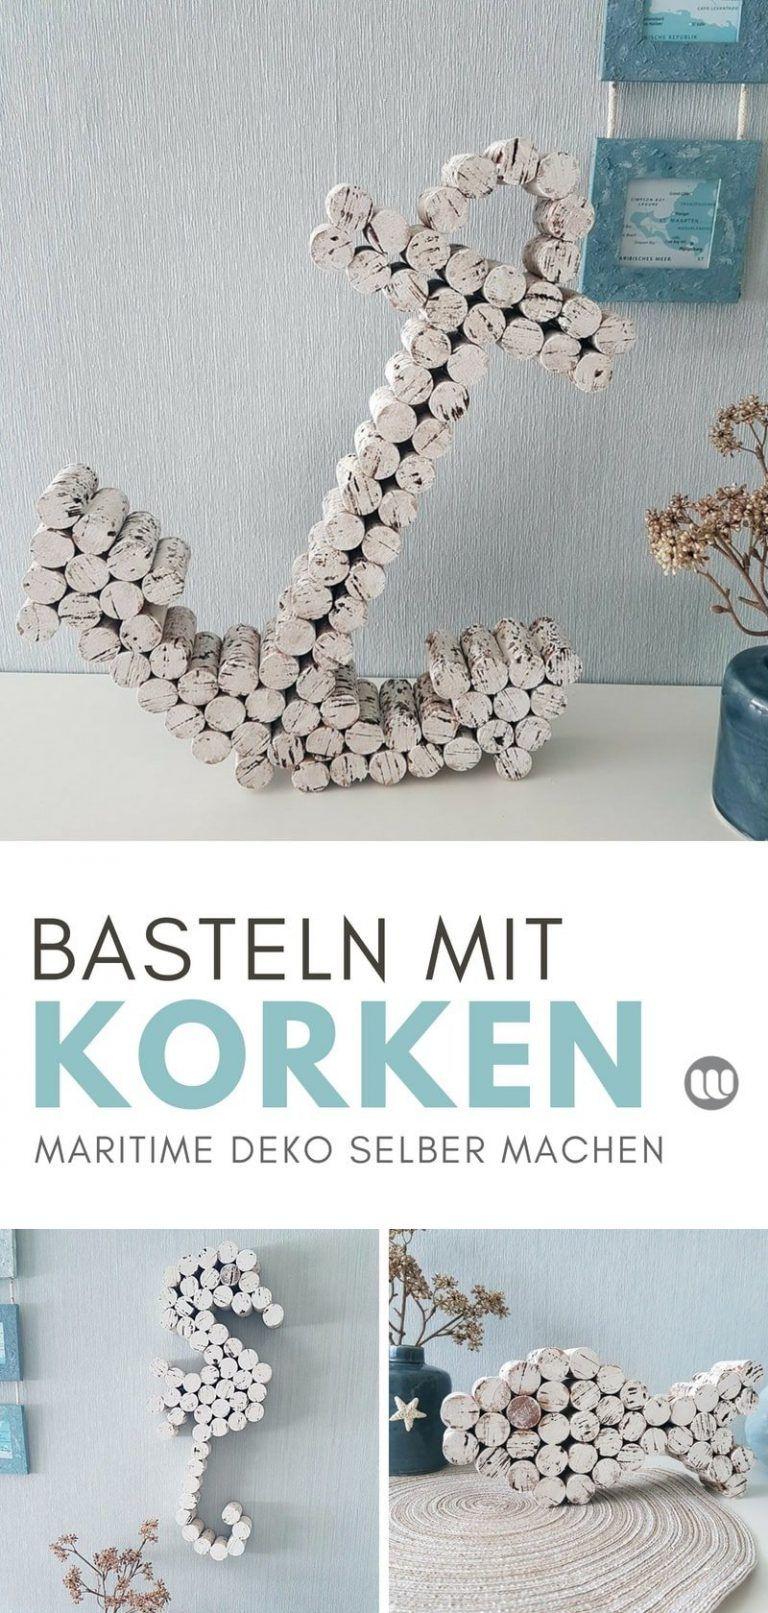 Selbstgemacht Deko Frisch Anker Basteln Mit Korken Maritime Dekoration Selbstgemacht